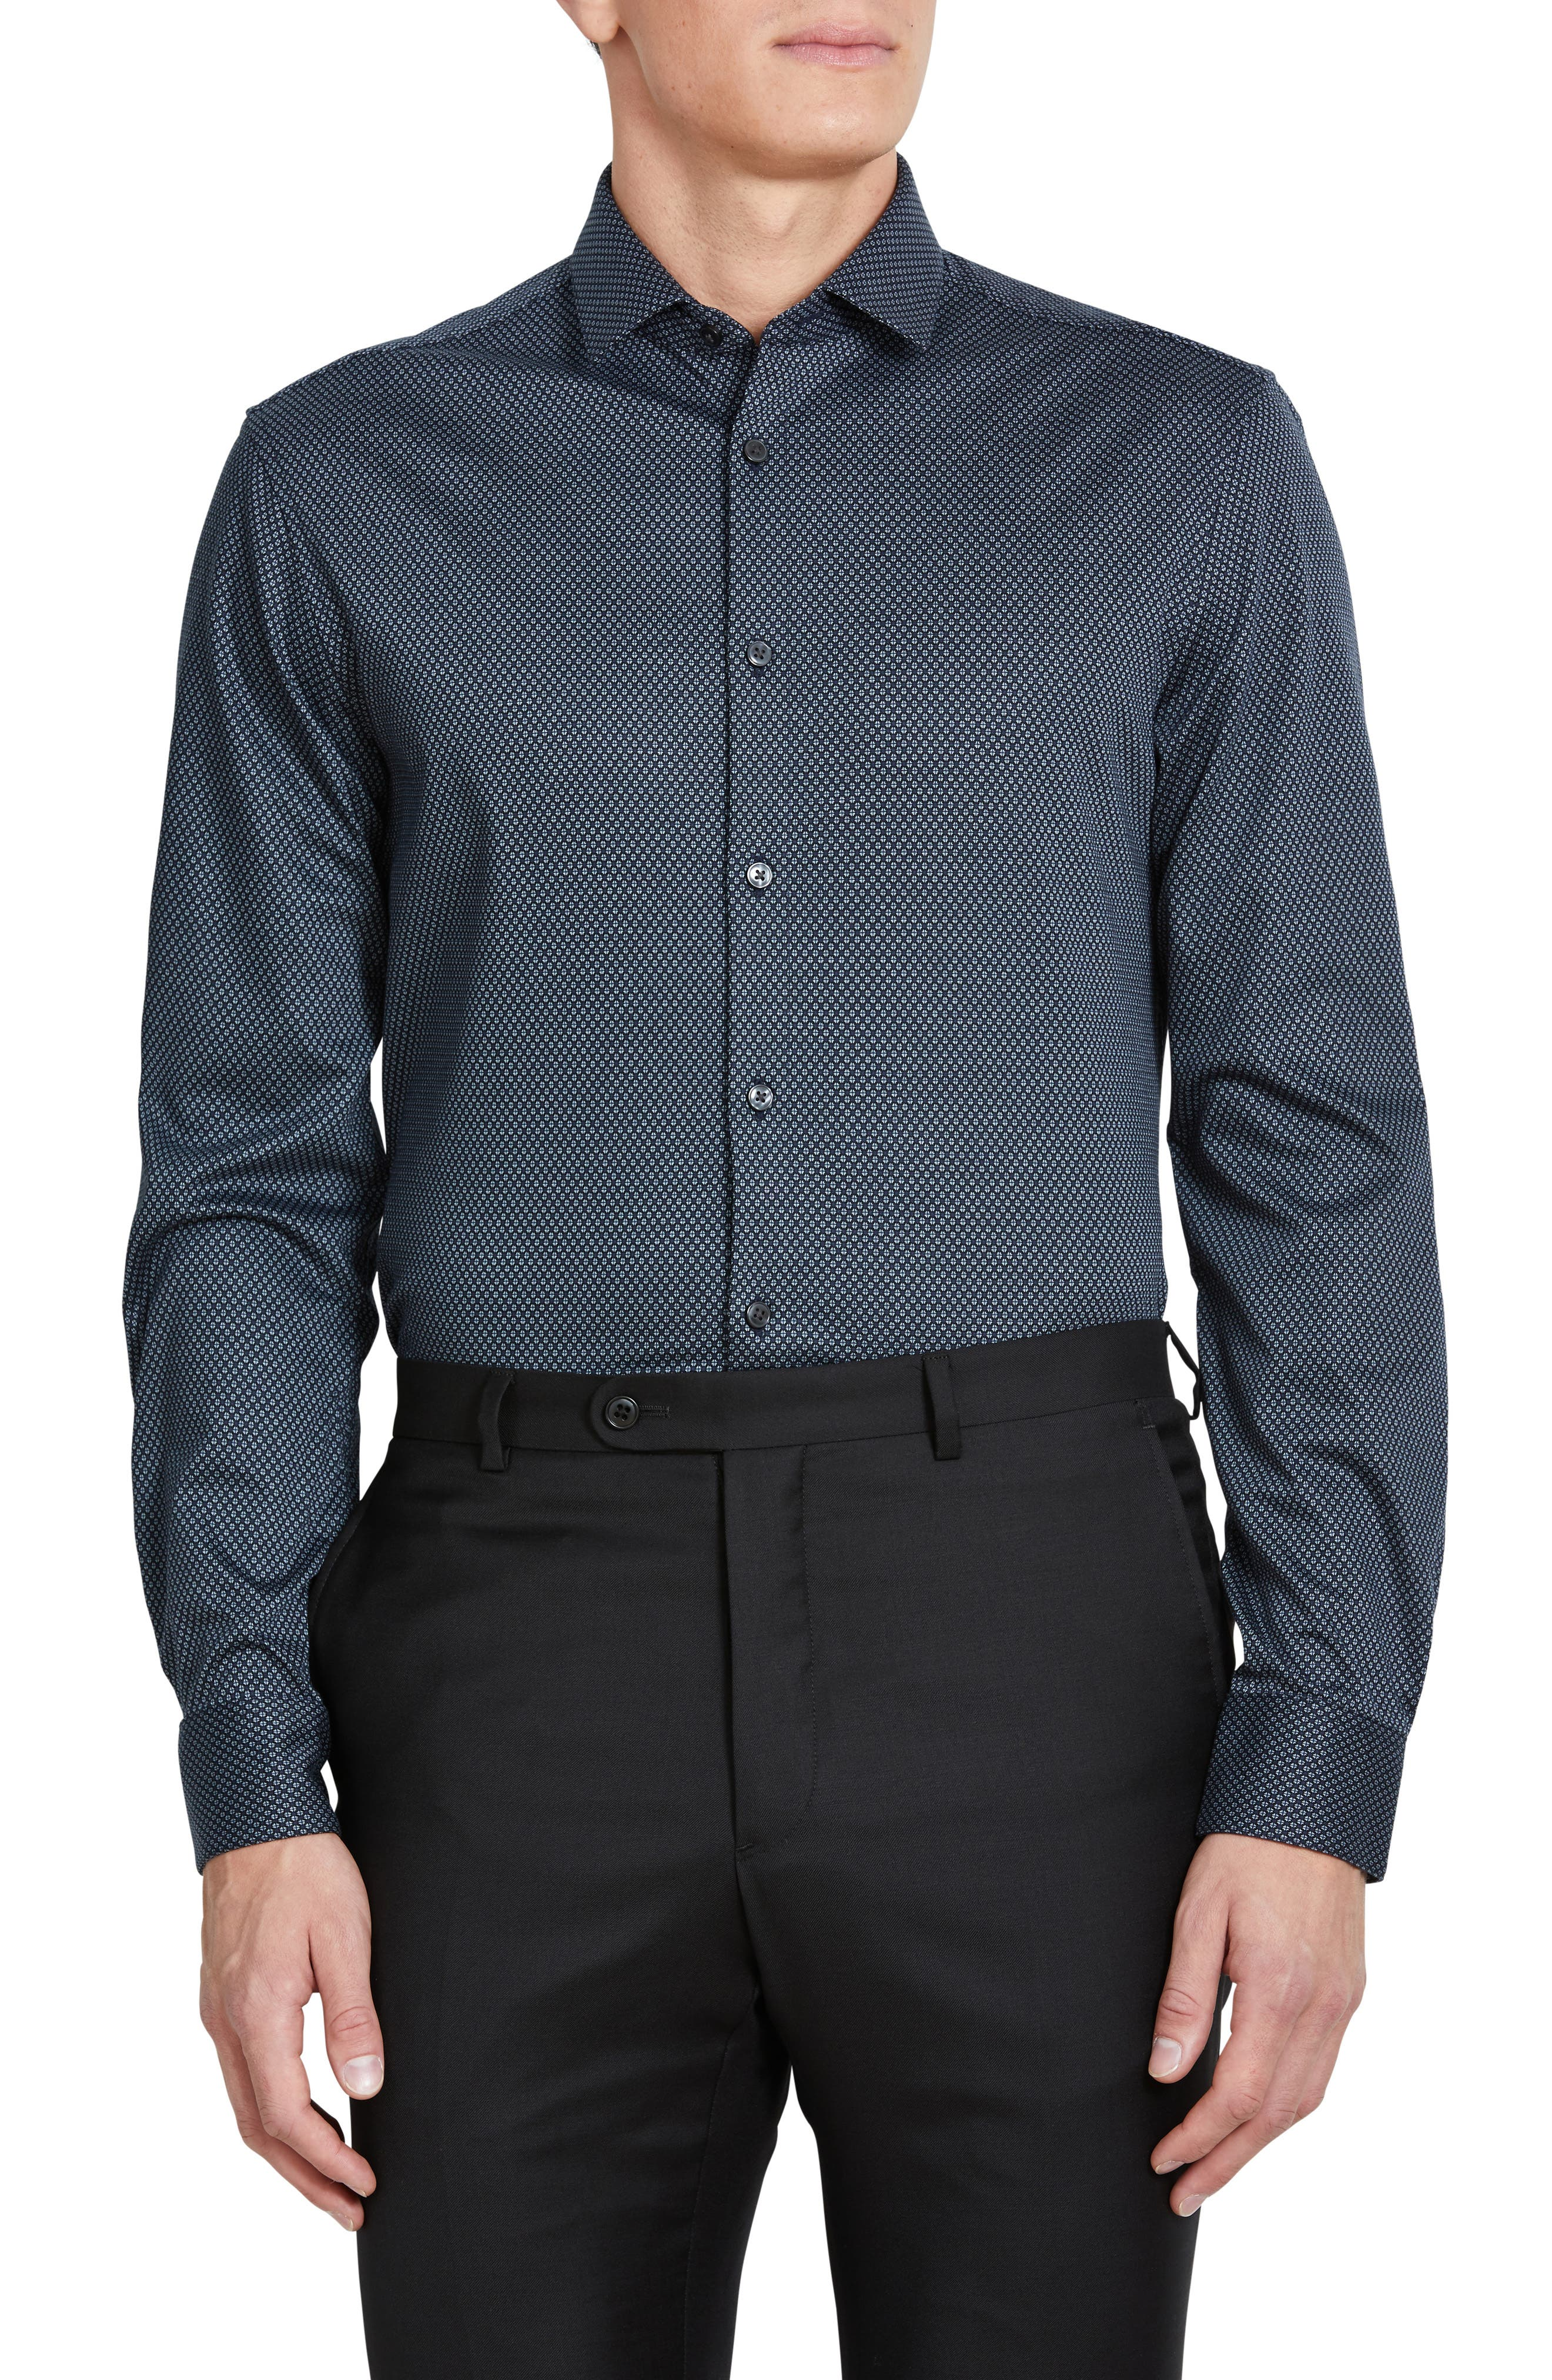 Men's John Varvatos Star Usa Slim Fit Jersey Knit Dress Shirt